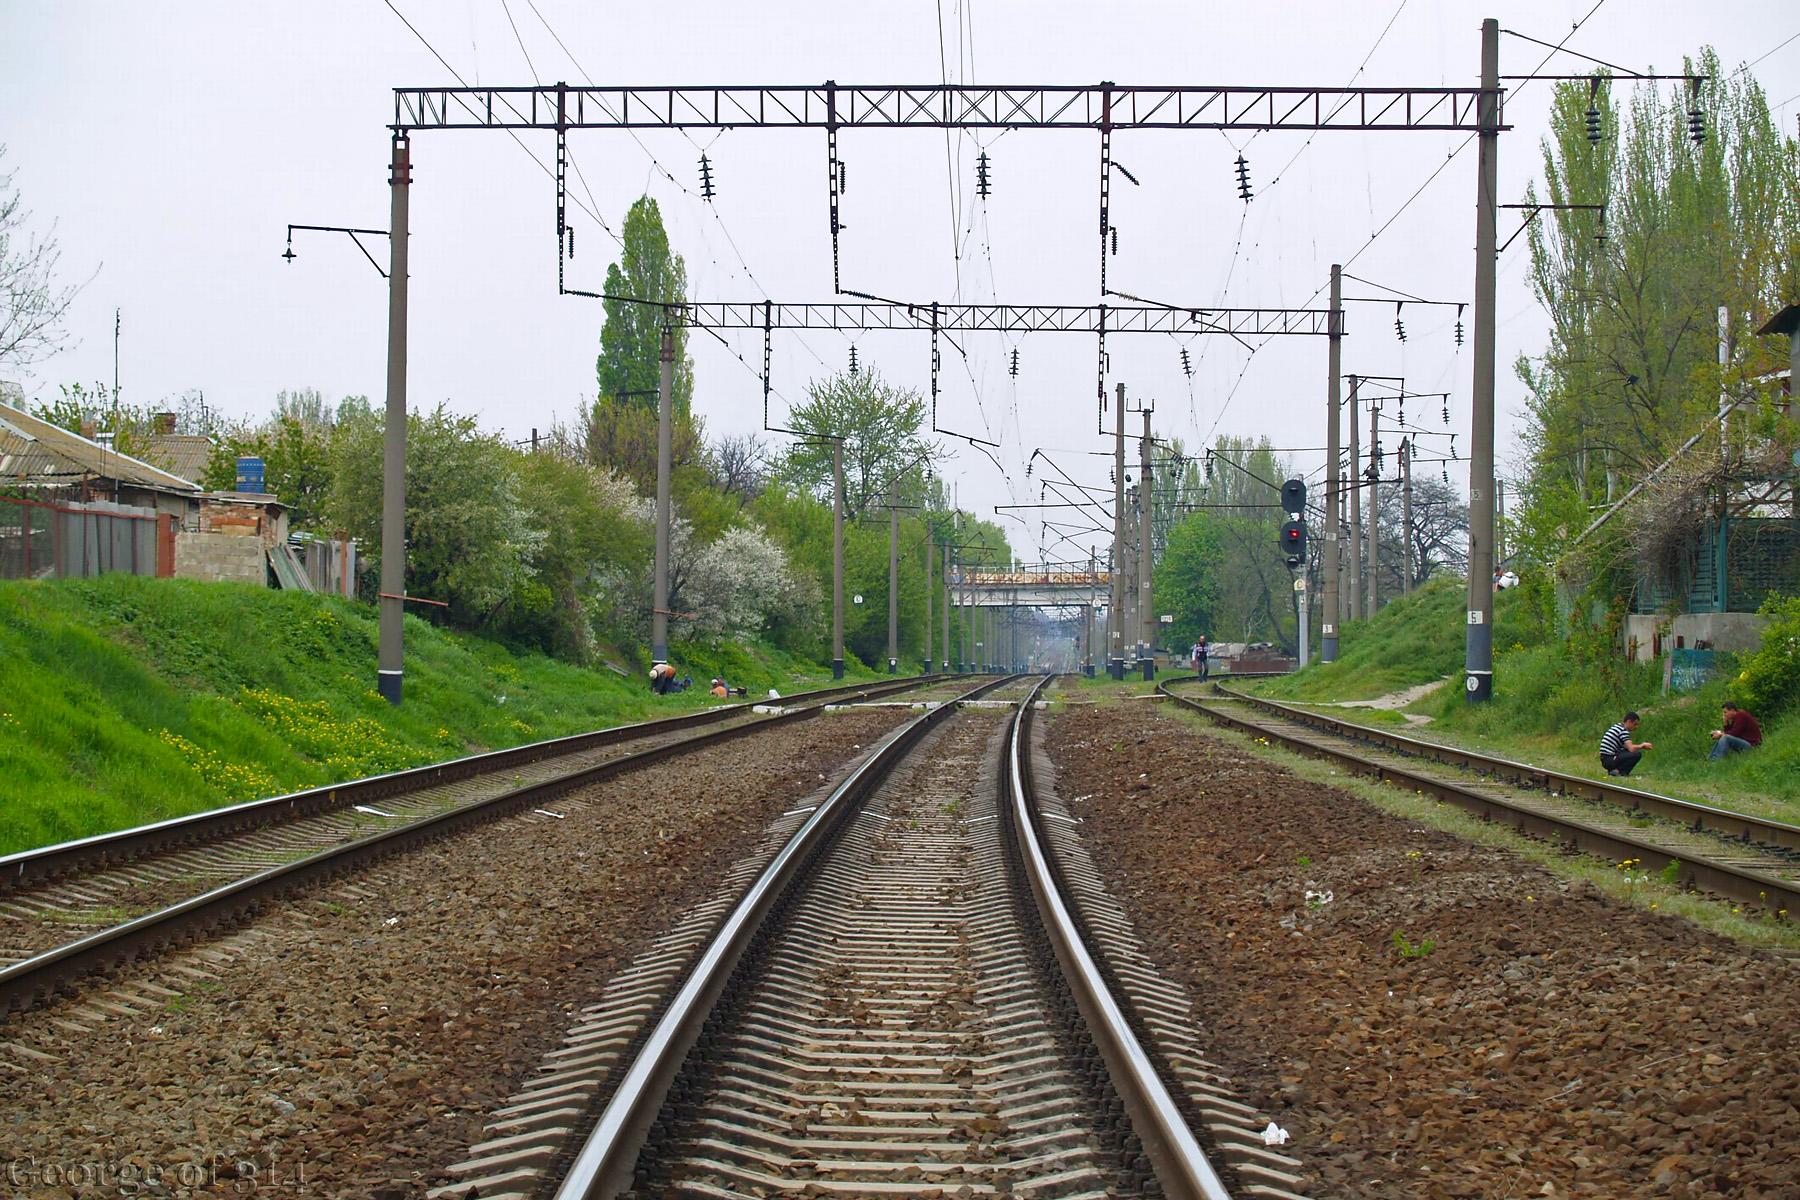 Перегін Одеса-Товарна - Одеса-Застава-І, справа перегін Одеса-Товарна - Одеса-Застава-ІІ